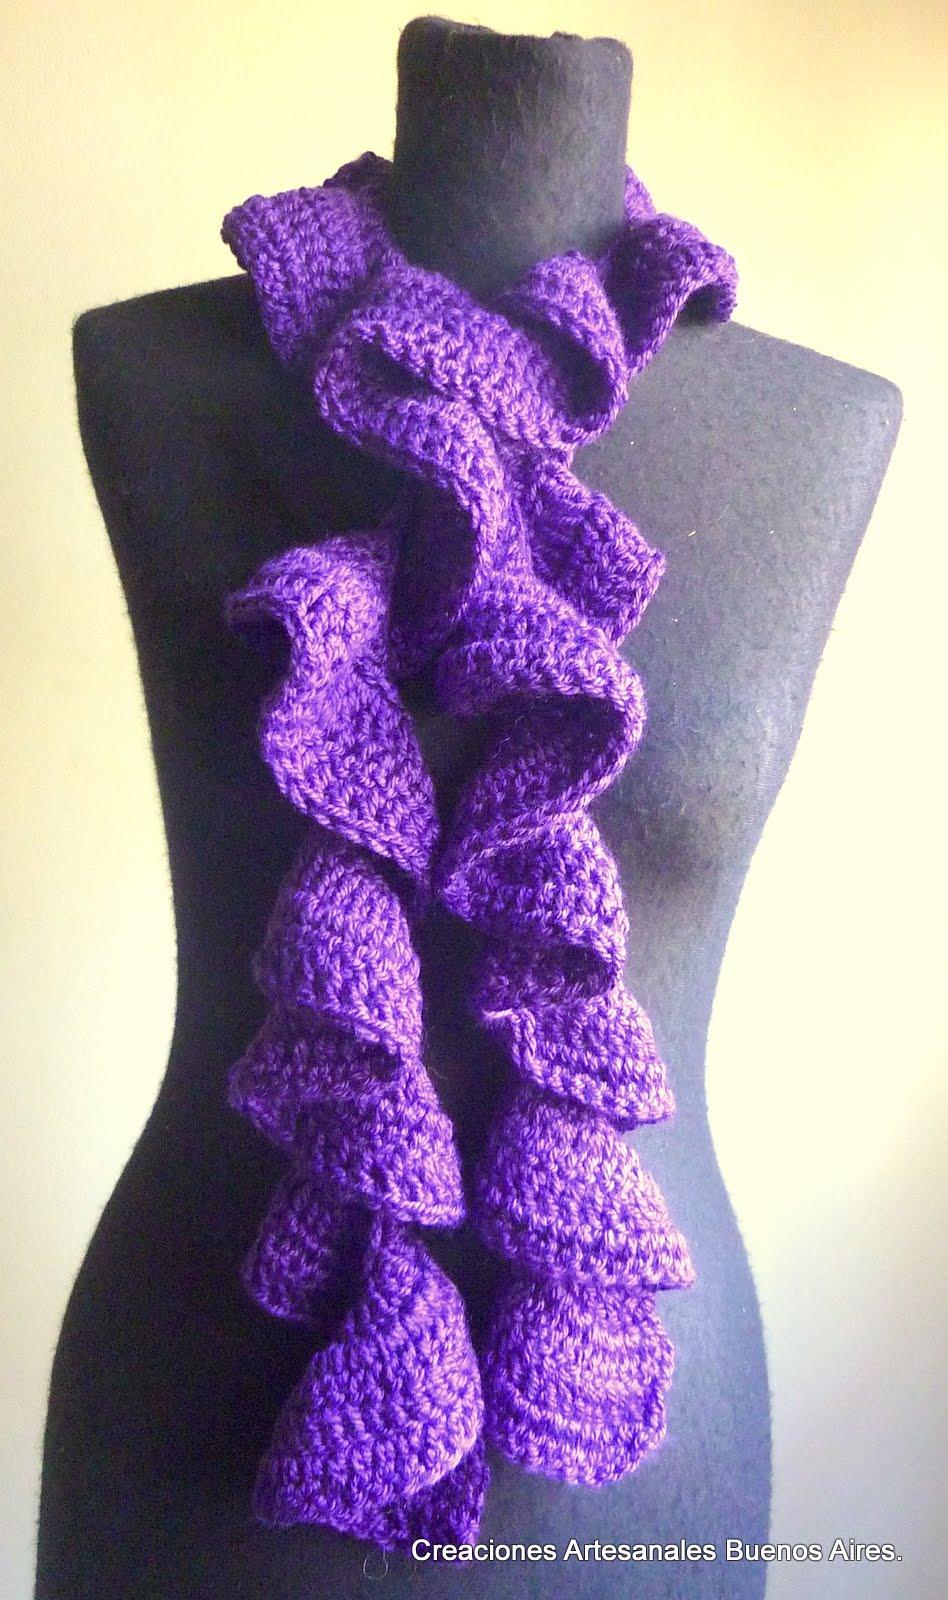 Creaciones Artesanales Argentina: Bufandas al crochet!!!!